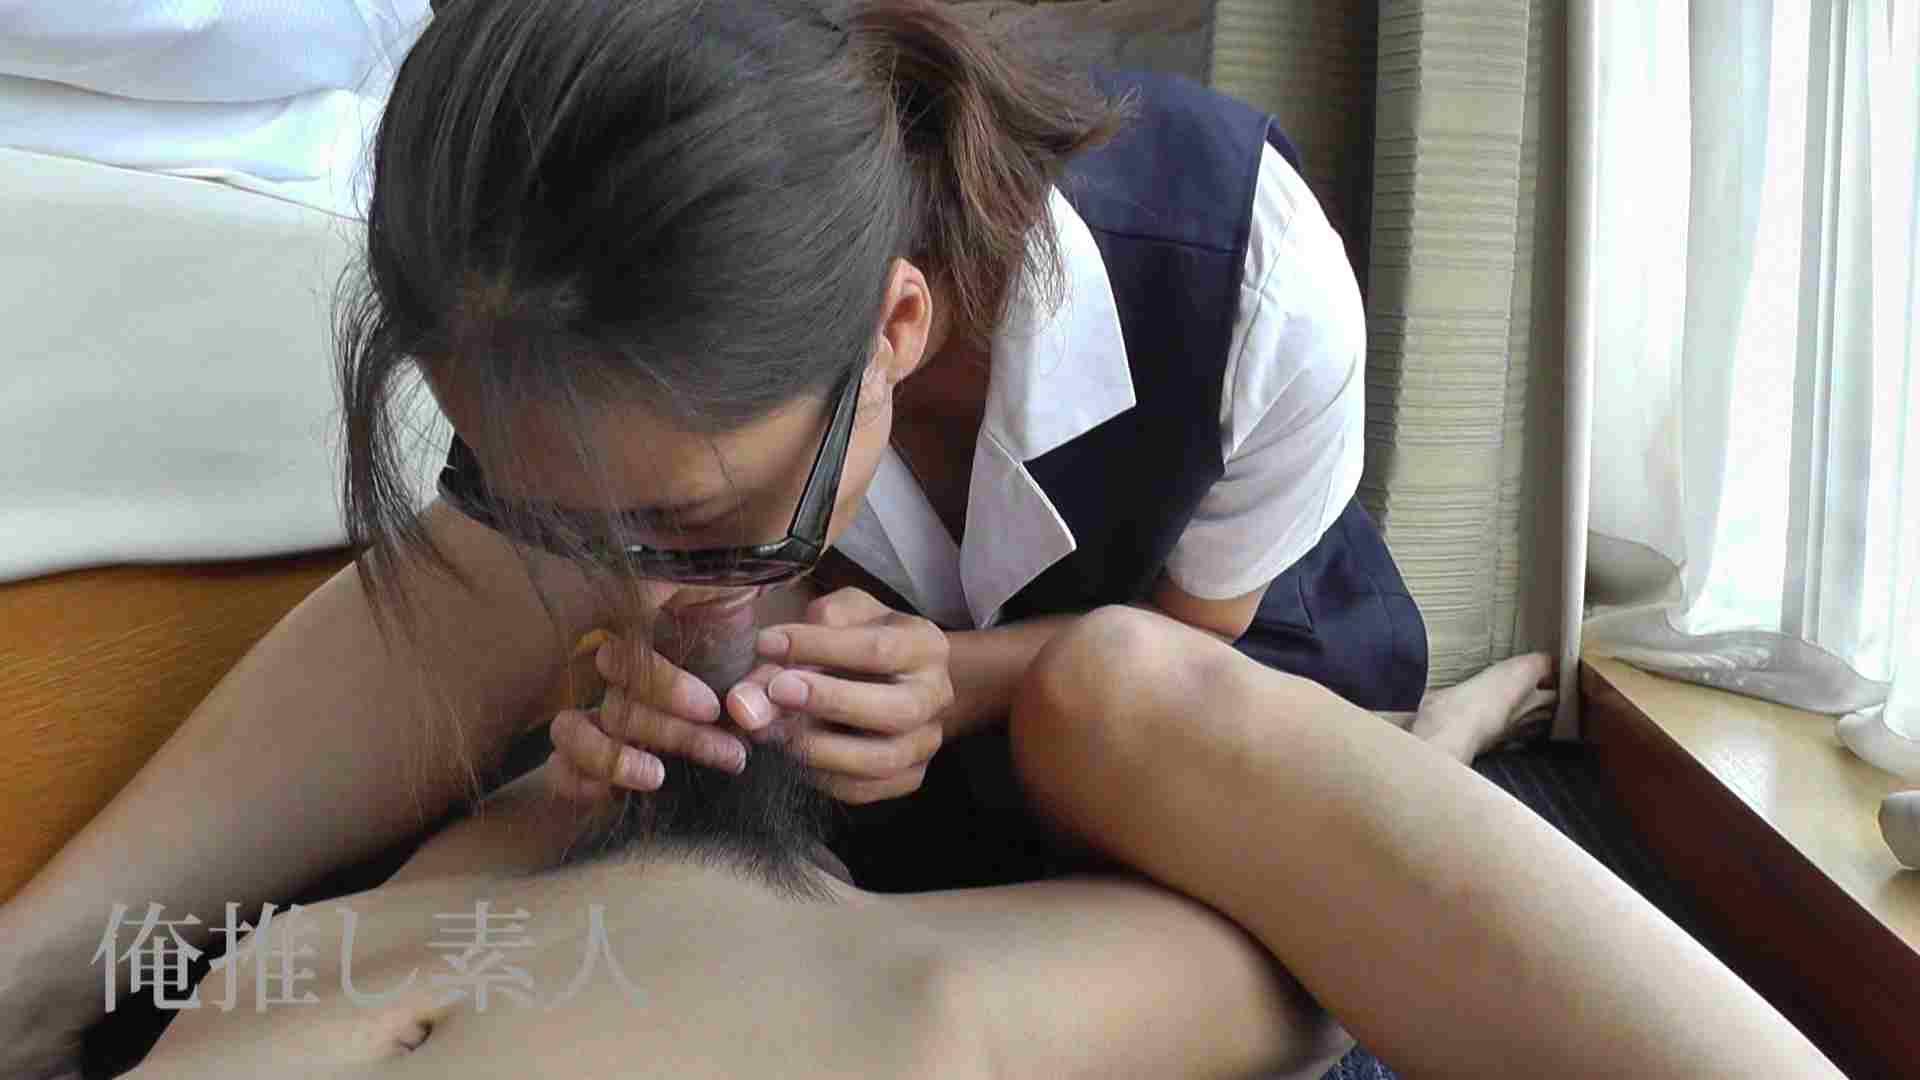 俺推し素人 30代人妻熟女キャバ嬢雫 コスプレ娘 オメコ無修正動画無料 86連発 47